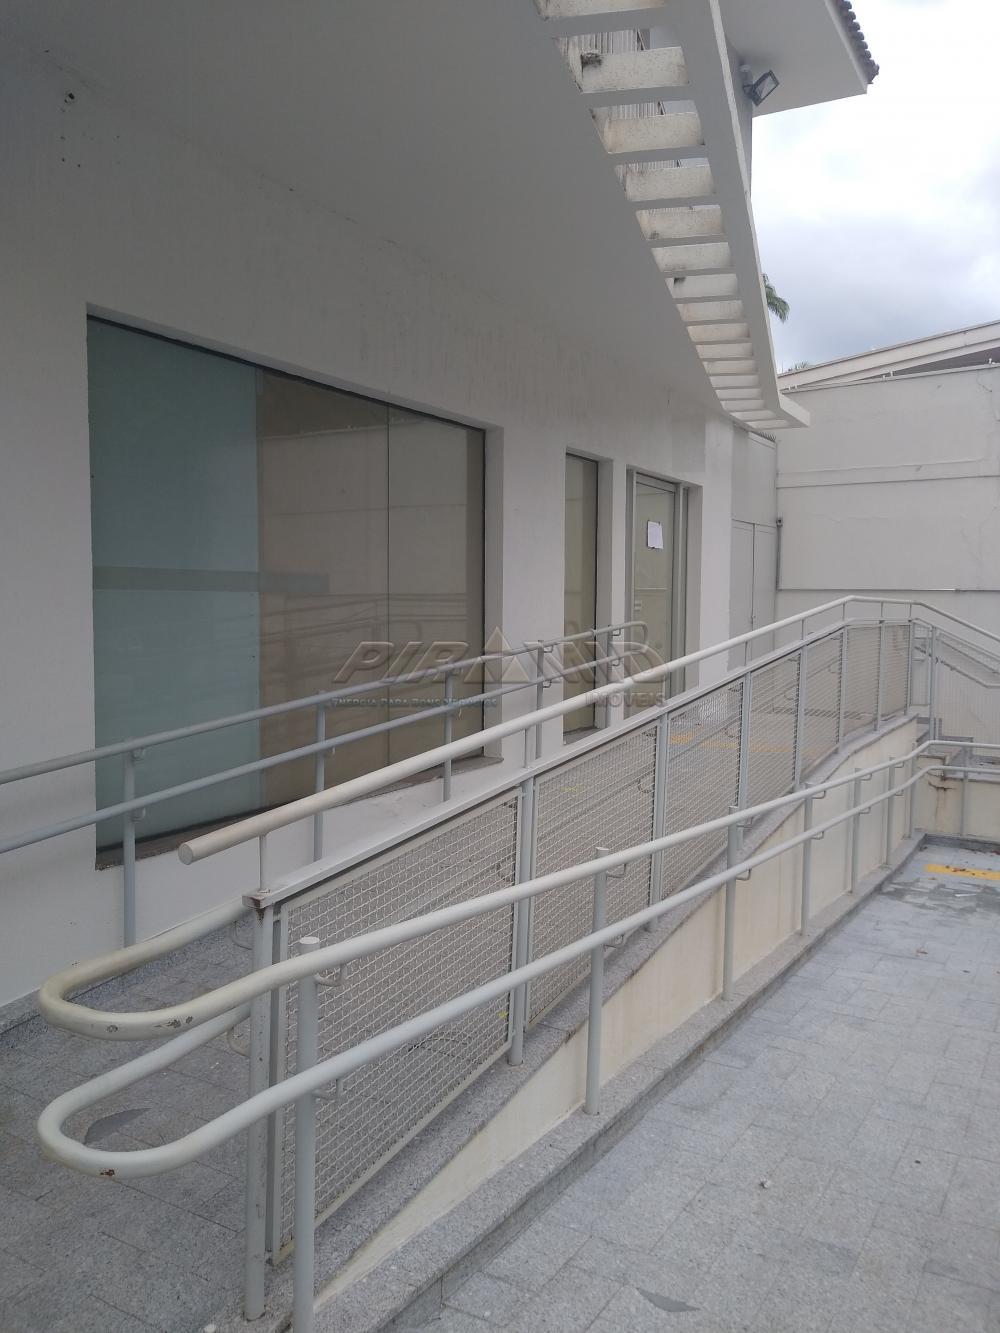 Alugar Comercial / Prédio em Ribeirão Preto apenas R$ 16.000,00 - Foto 13